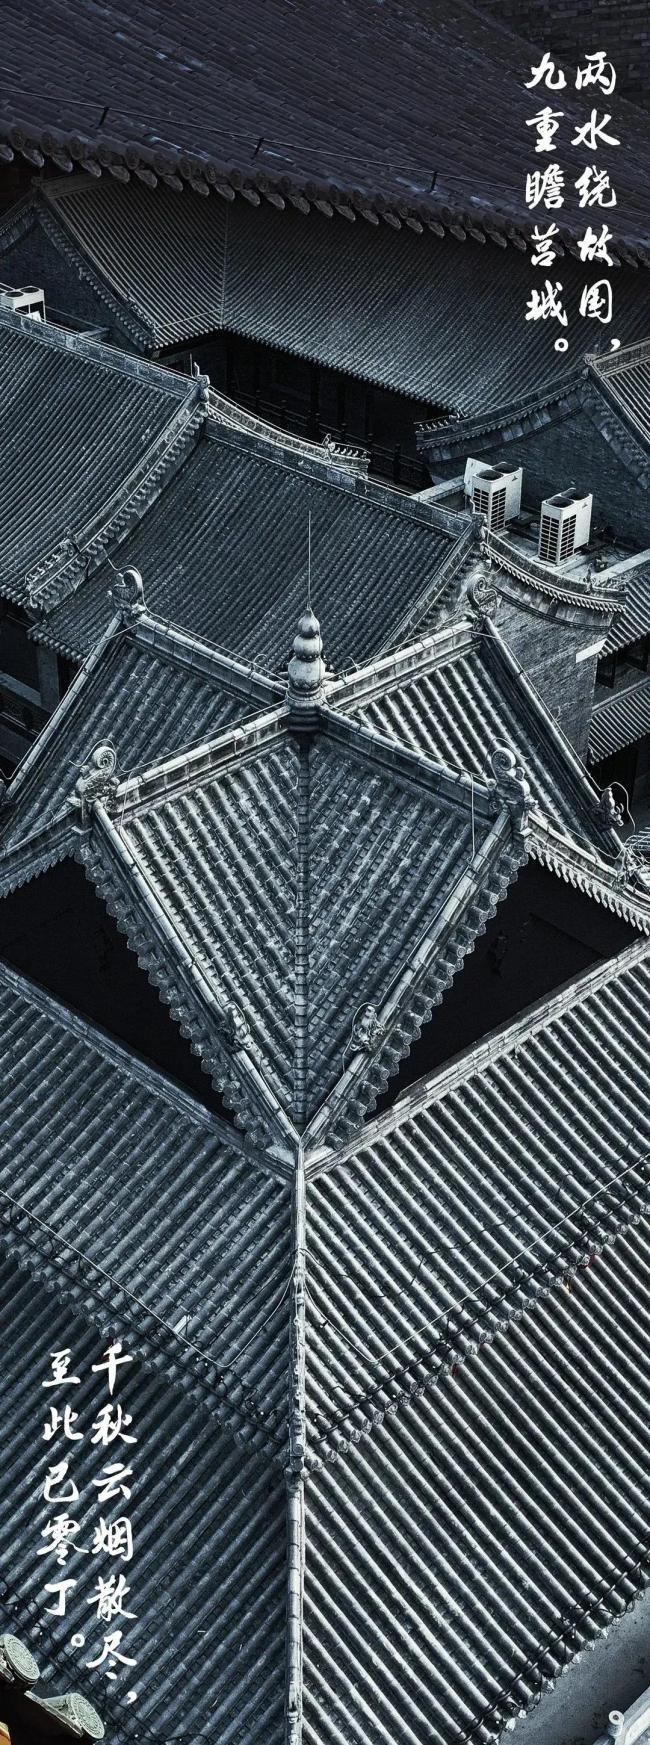 日照莒国古城:感受历史氛围,追寻传统文化足迹